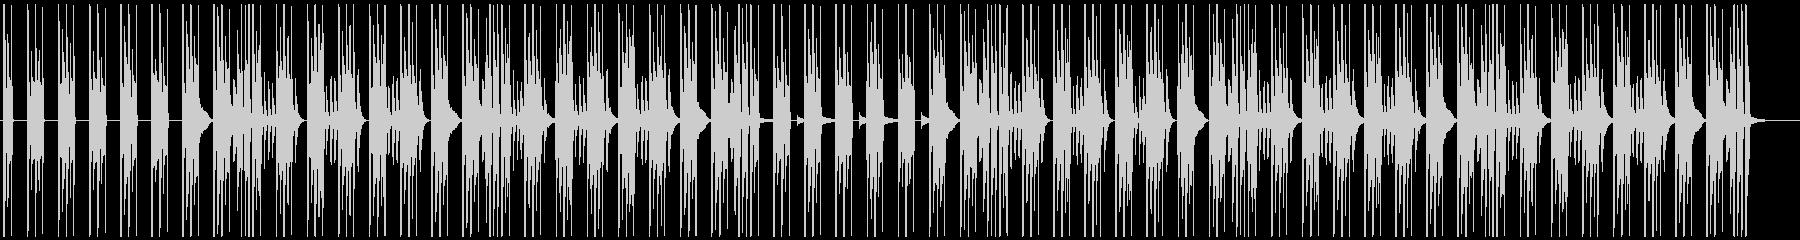 シンプルな日常穏やかBGMの未再生の波形